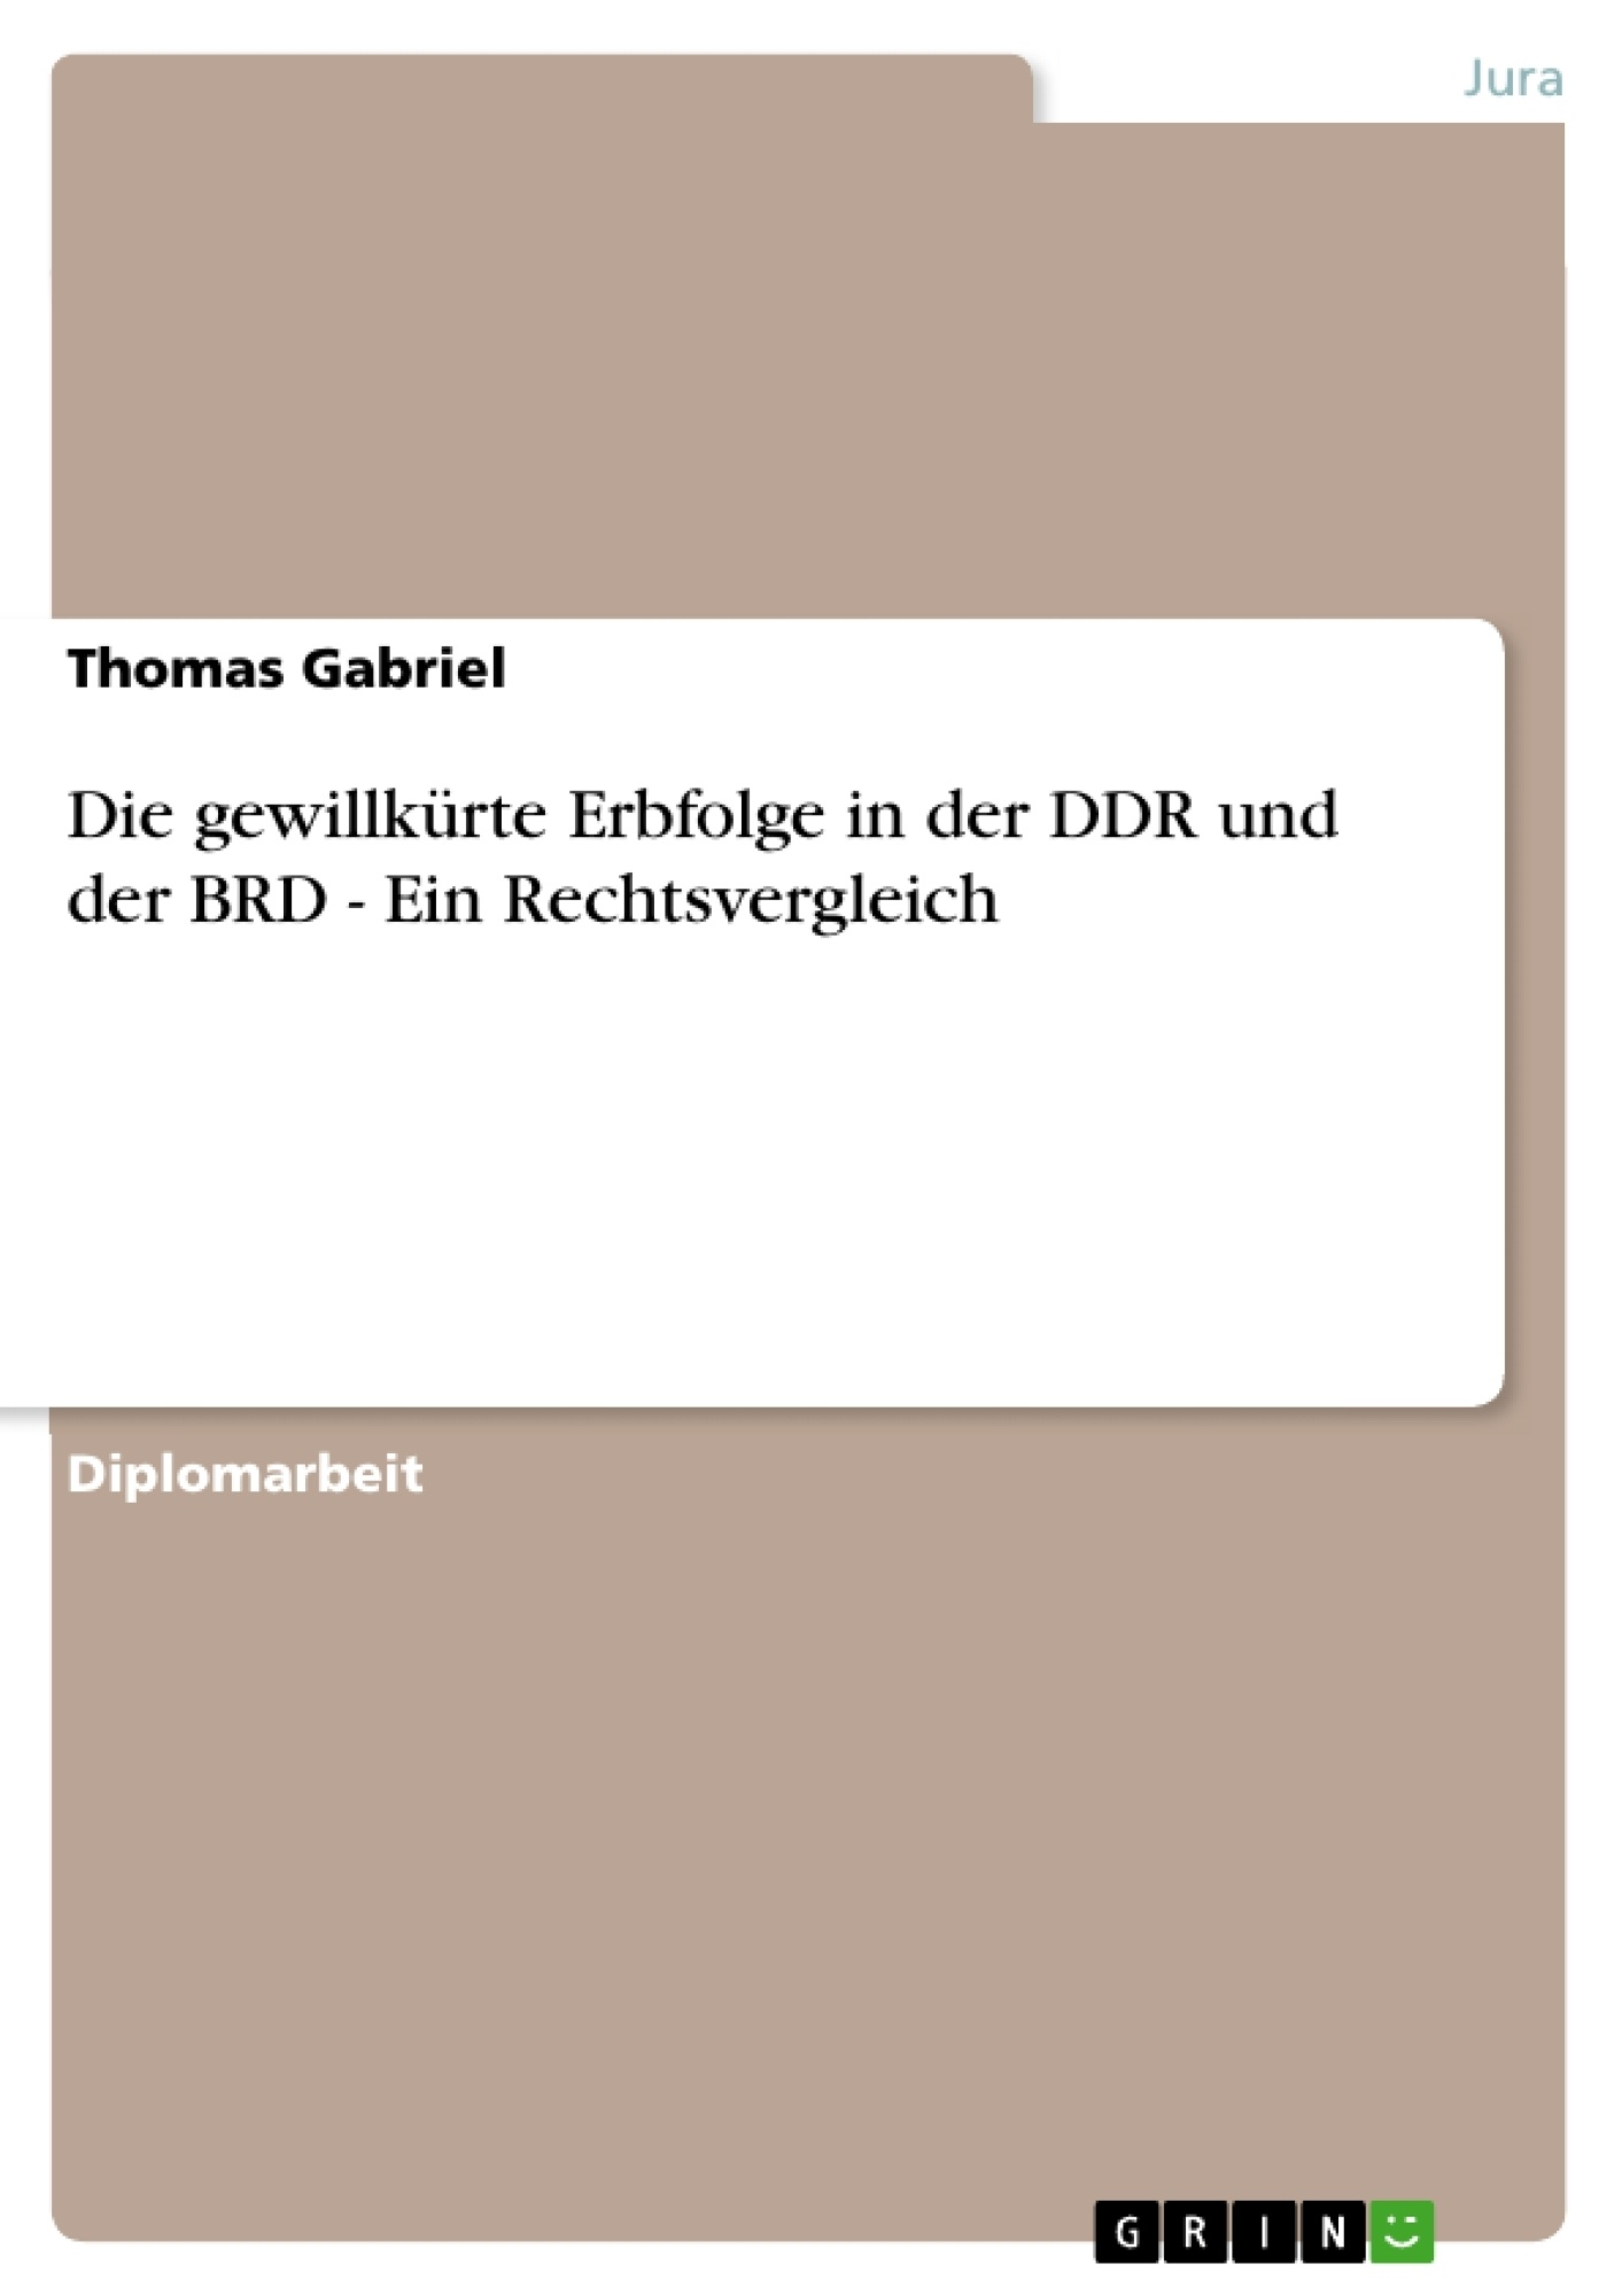 Titel: Die gewillkürte Erbfolge in der DDR und der BRD - Ein Rechtsvergleich